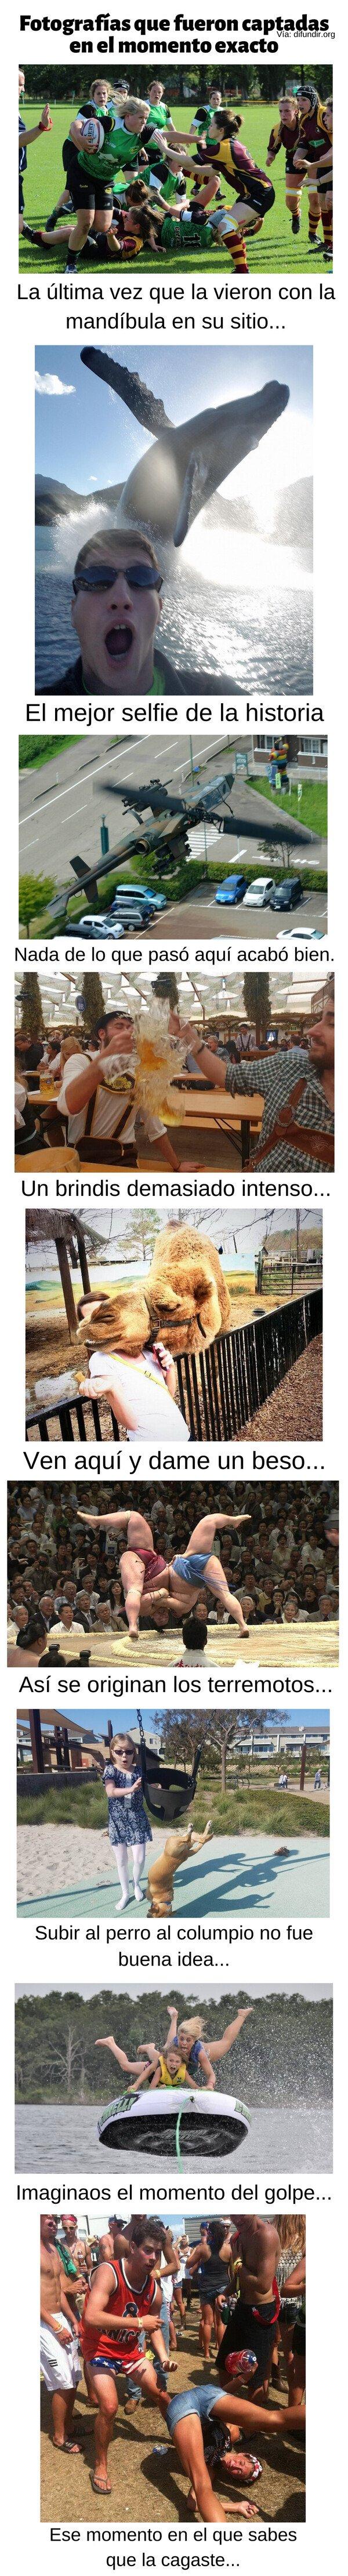 Meme_otros - Fotografías que fueron captadas en el momento exacto